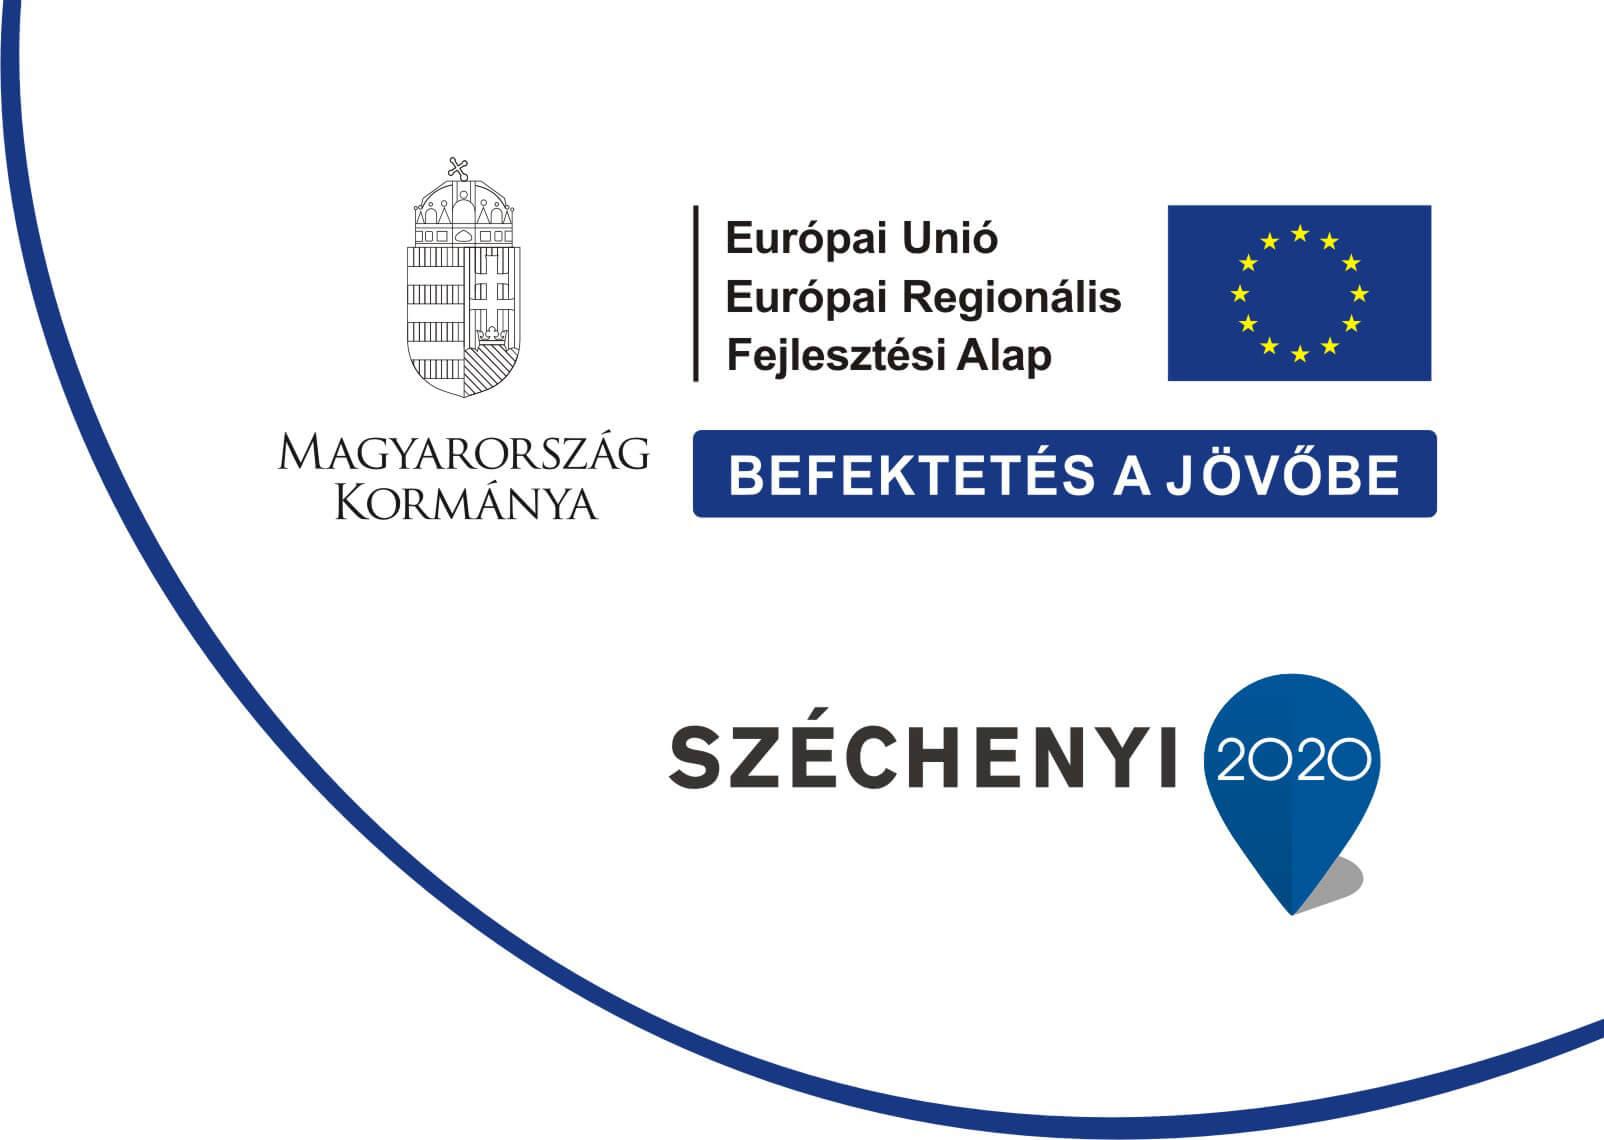 Napelem pályázat és napelem támogatás a Széchenyi 2020 keretén belül